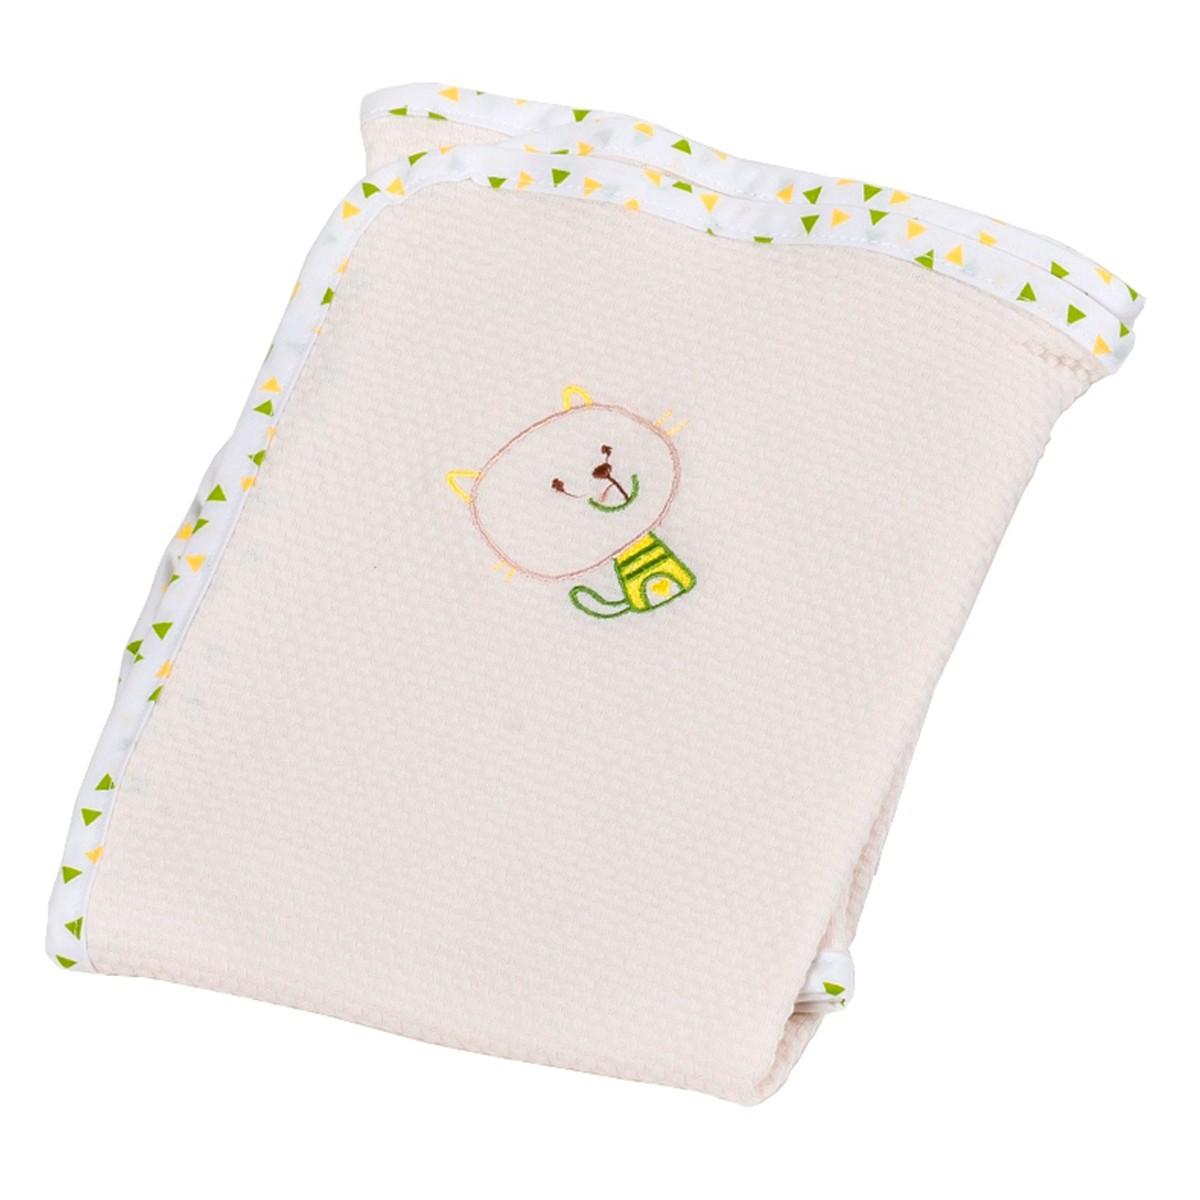 Κουβέρτα Πικέ Αγκαλιάς Κόσμος Του Μωρού Home 0315 Εκρού 74486